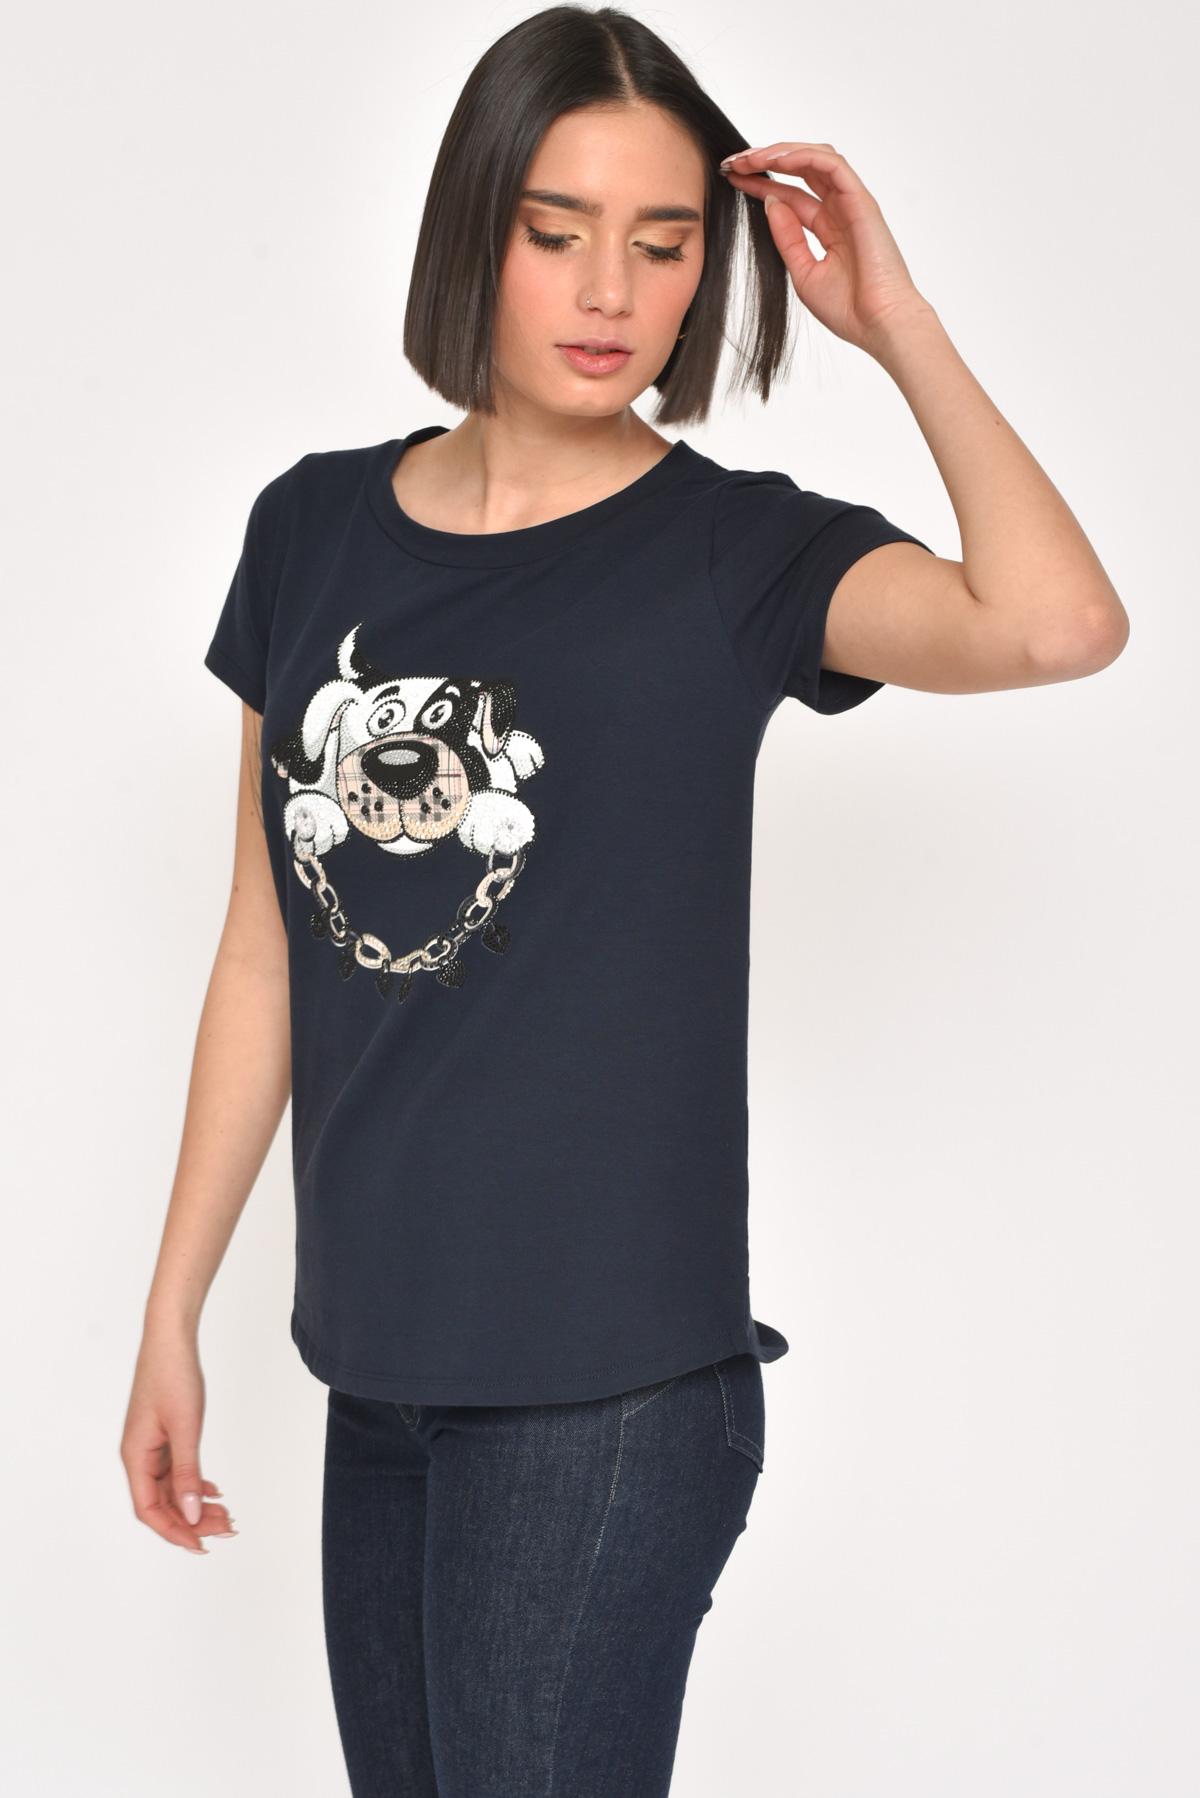 T-SHIRT IN COTONE STAMPA CANE CON STRASS da donna - BLU - Paquito Pronto Moda Shop Online